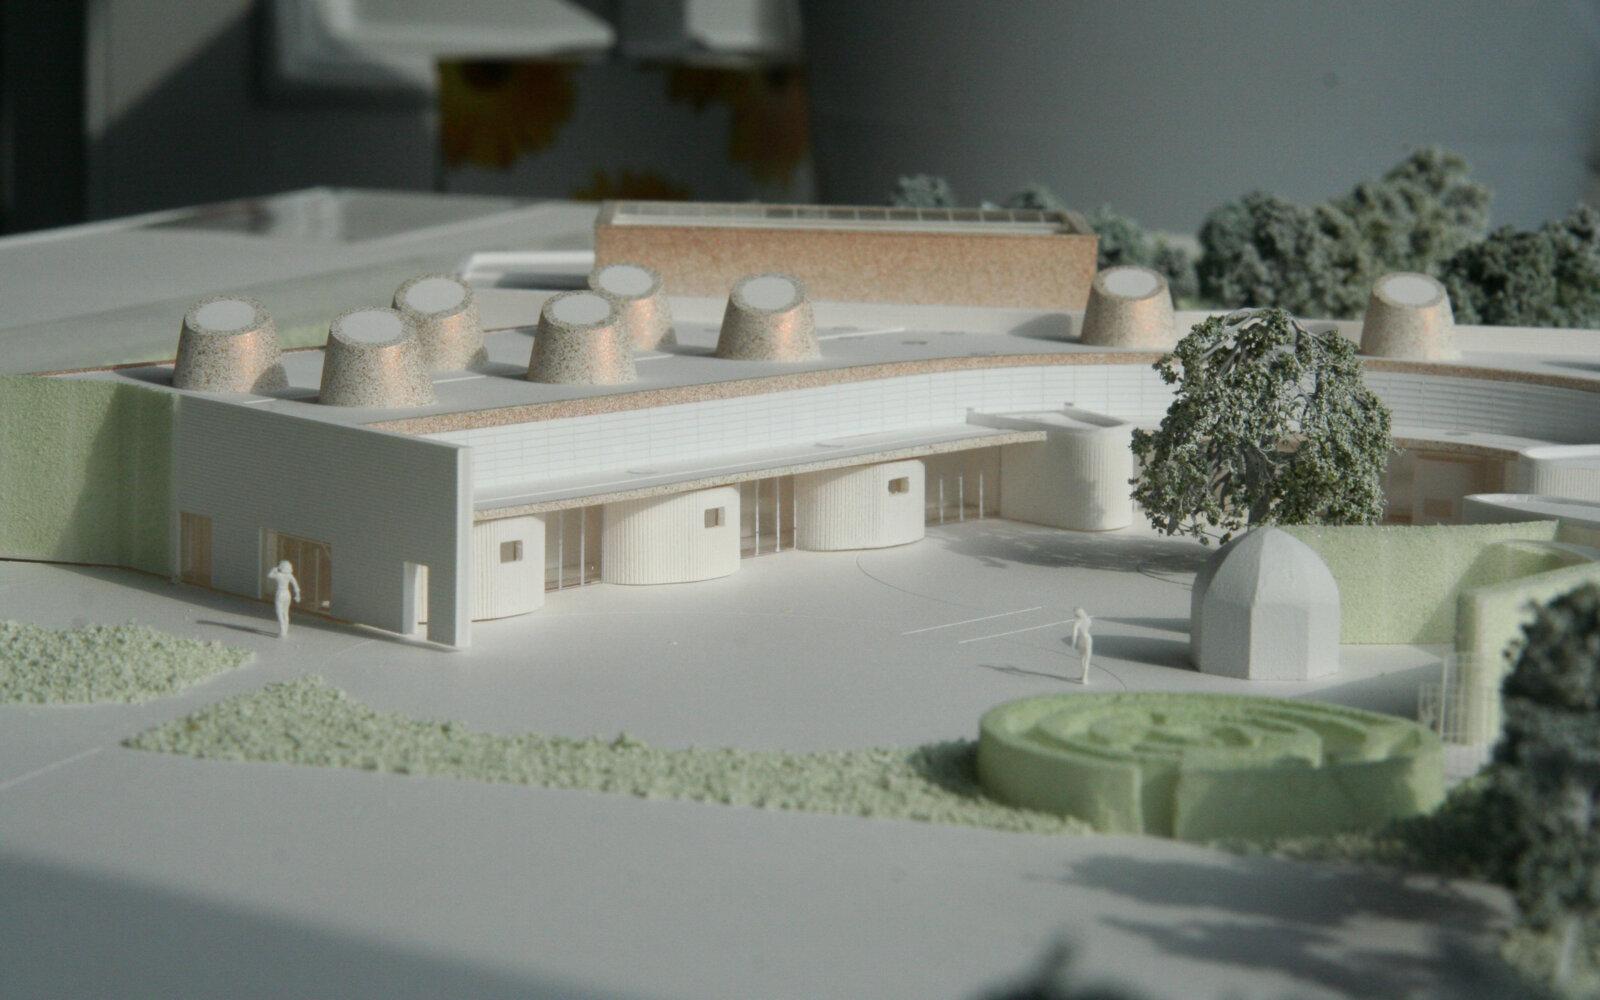 Jesmond Gardens Primary School 3D model